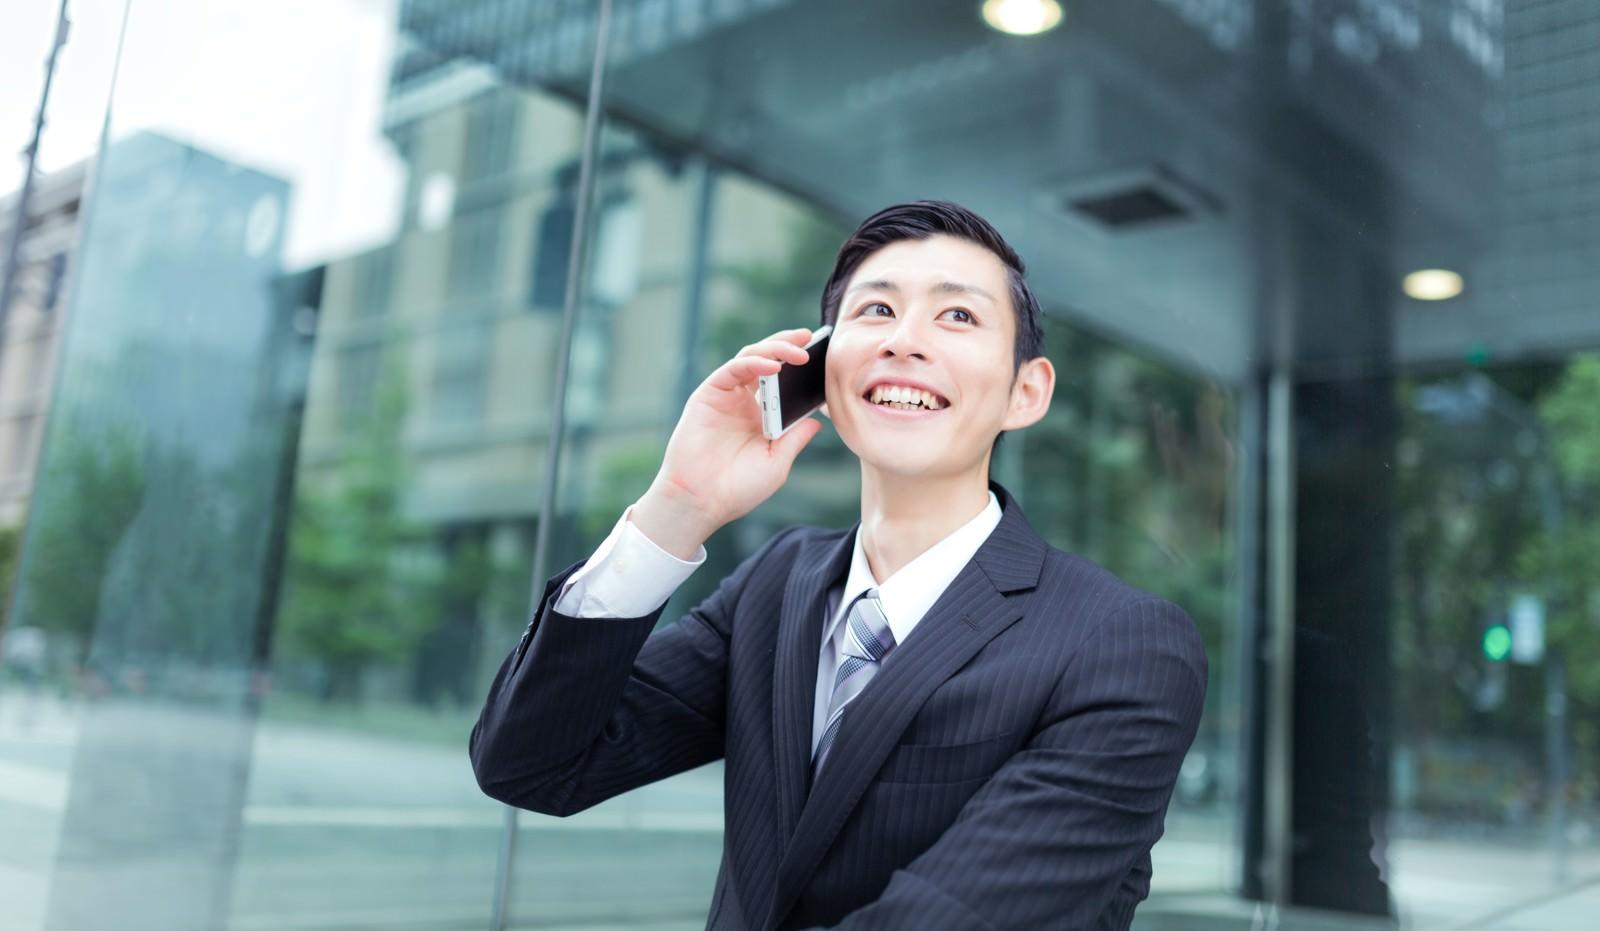 「取引先から受注をもらって笑顔な会社員(スーツ)取引先から受注をもらって笑顔な会社員(スーツ)」[モデル:川崎大洋]のフリー写真素材を拡大